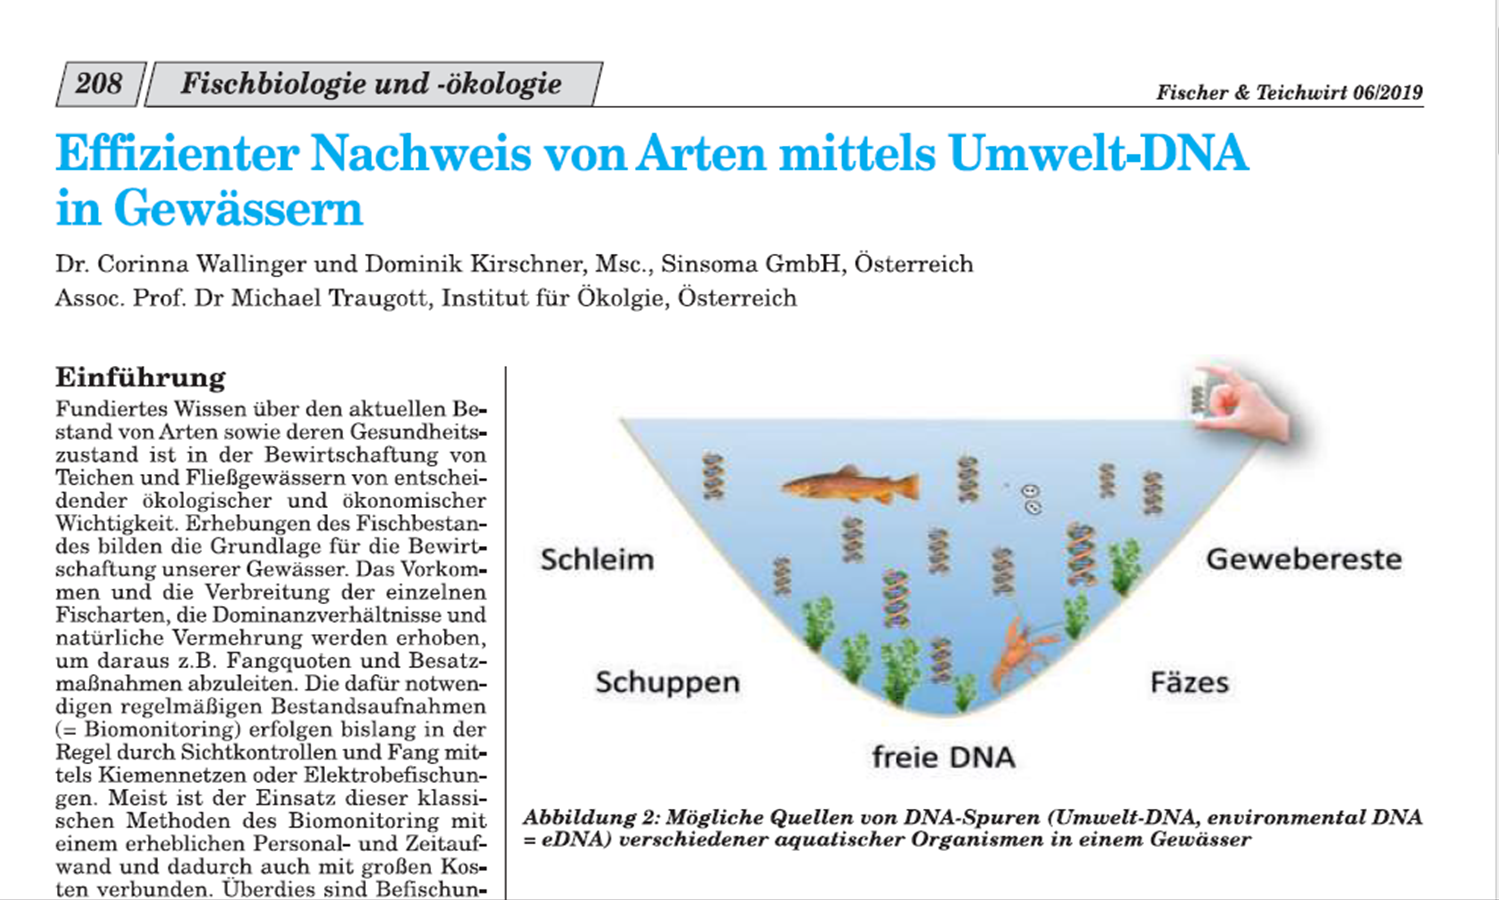 Effizienter Nachweis von Arten mittels eDNA in Gewässern